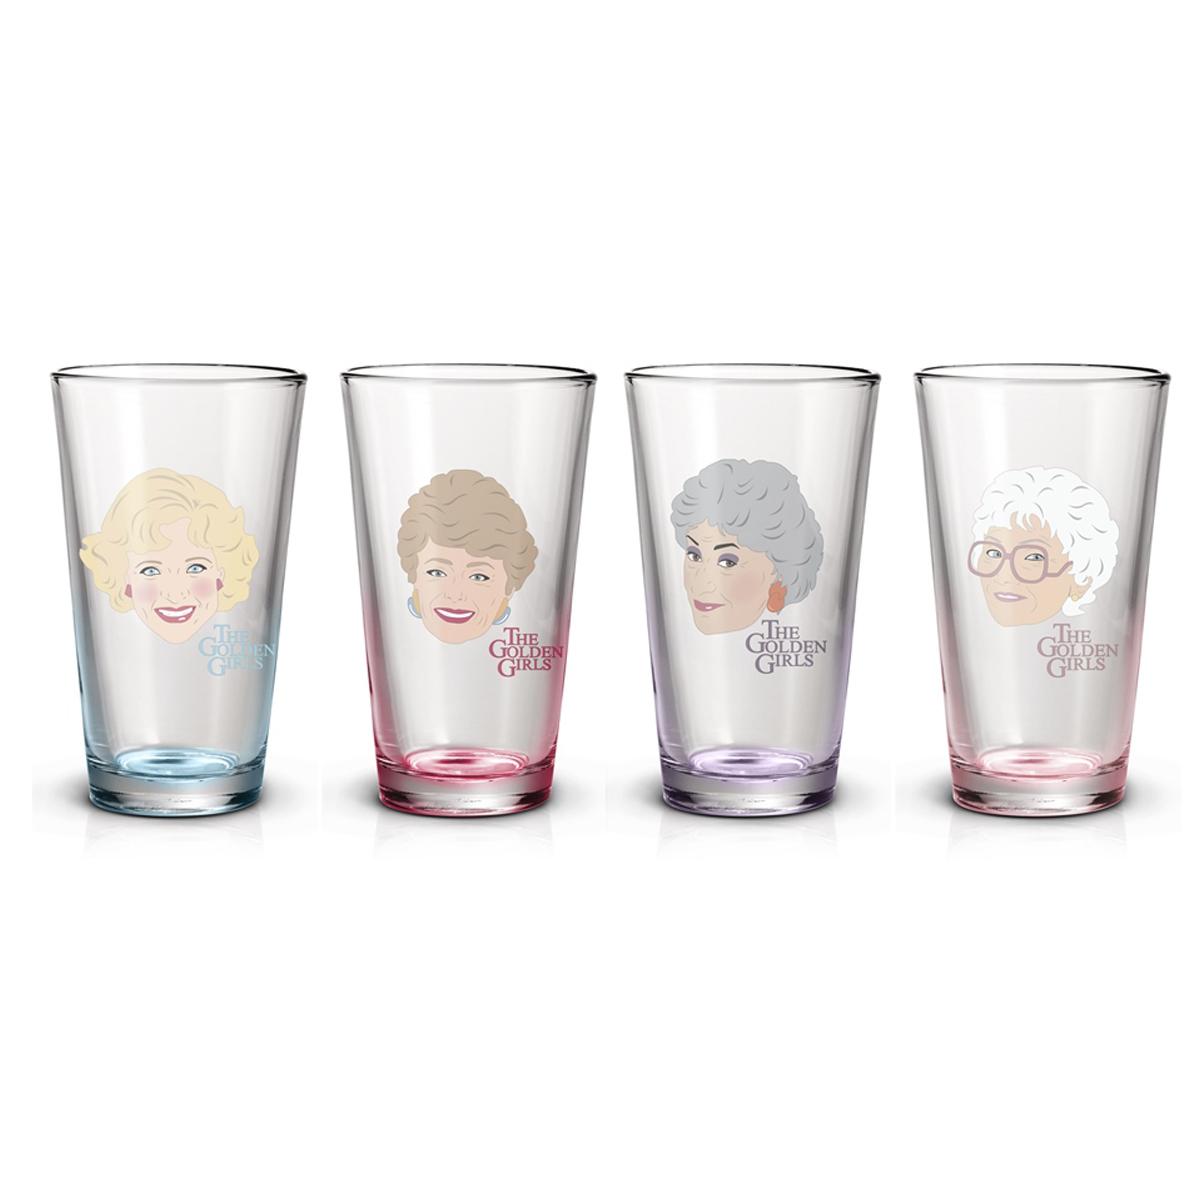 The Golden Girls Cast Pint Glasses (Set of 4)